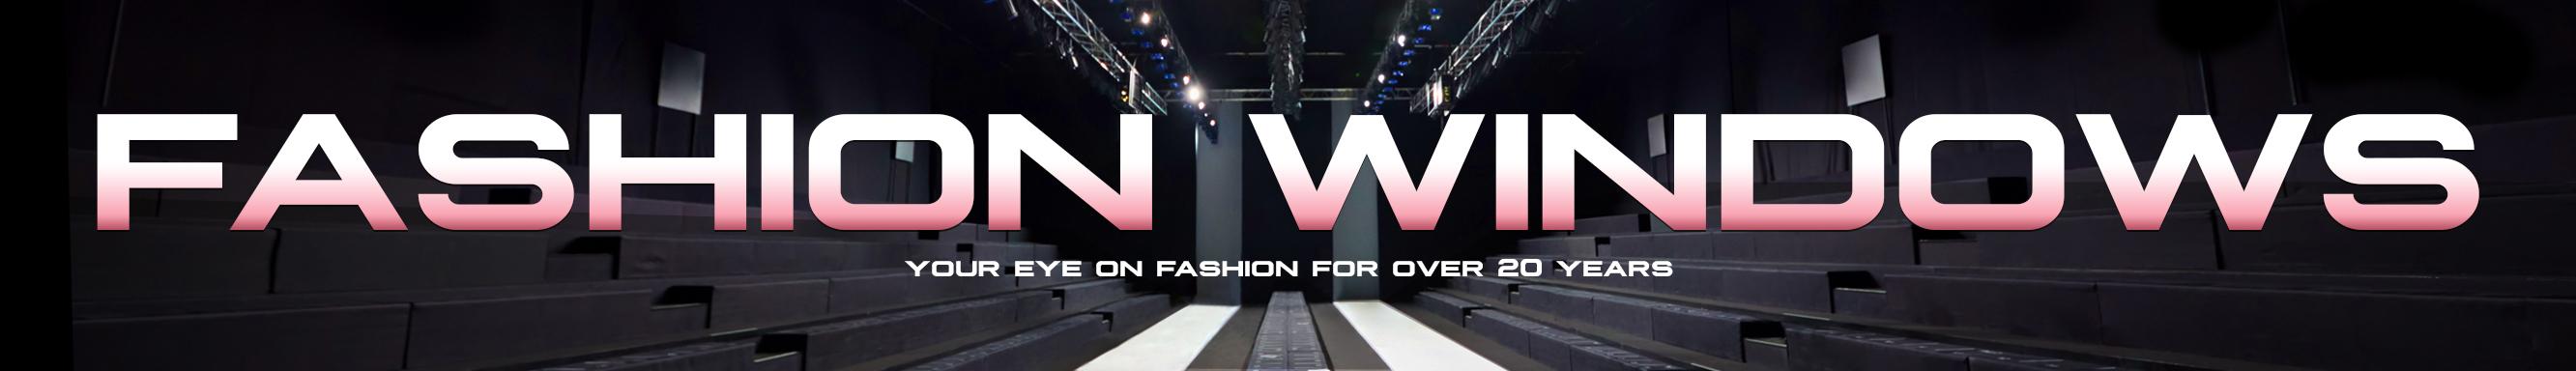 FashionWindows Network